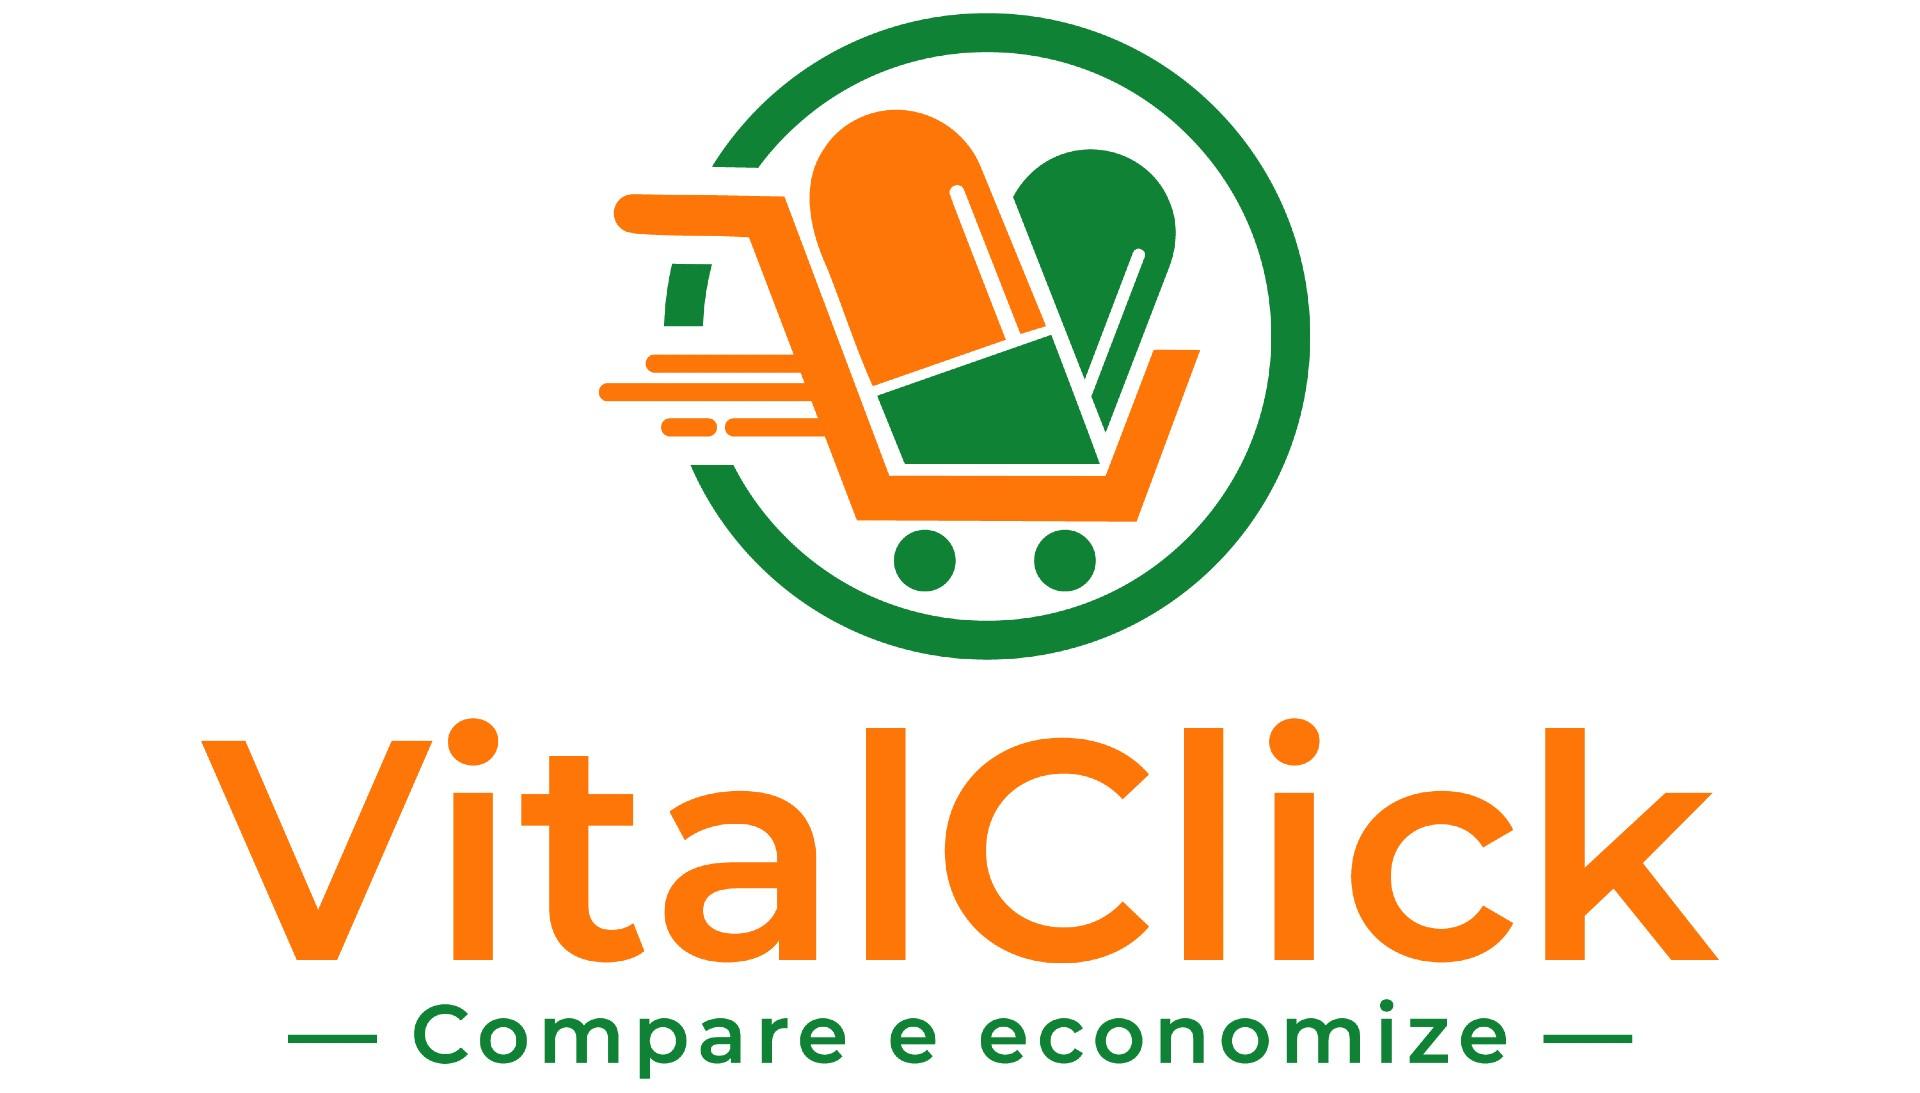 VitalClick